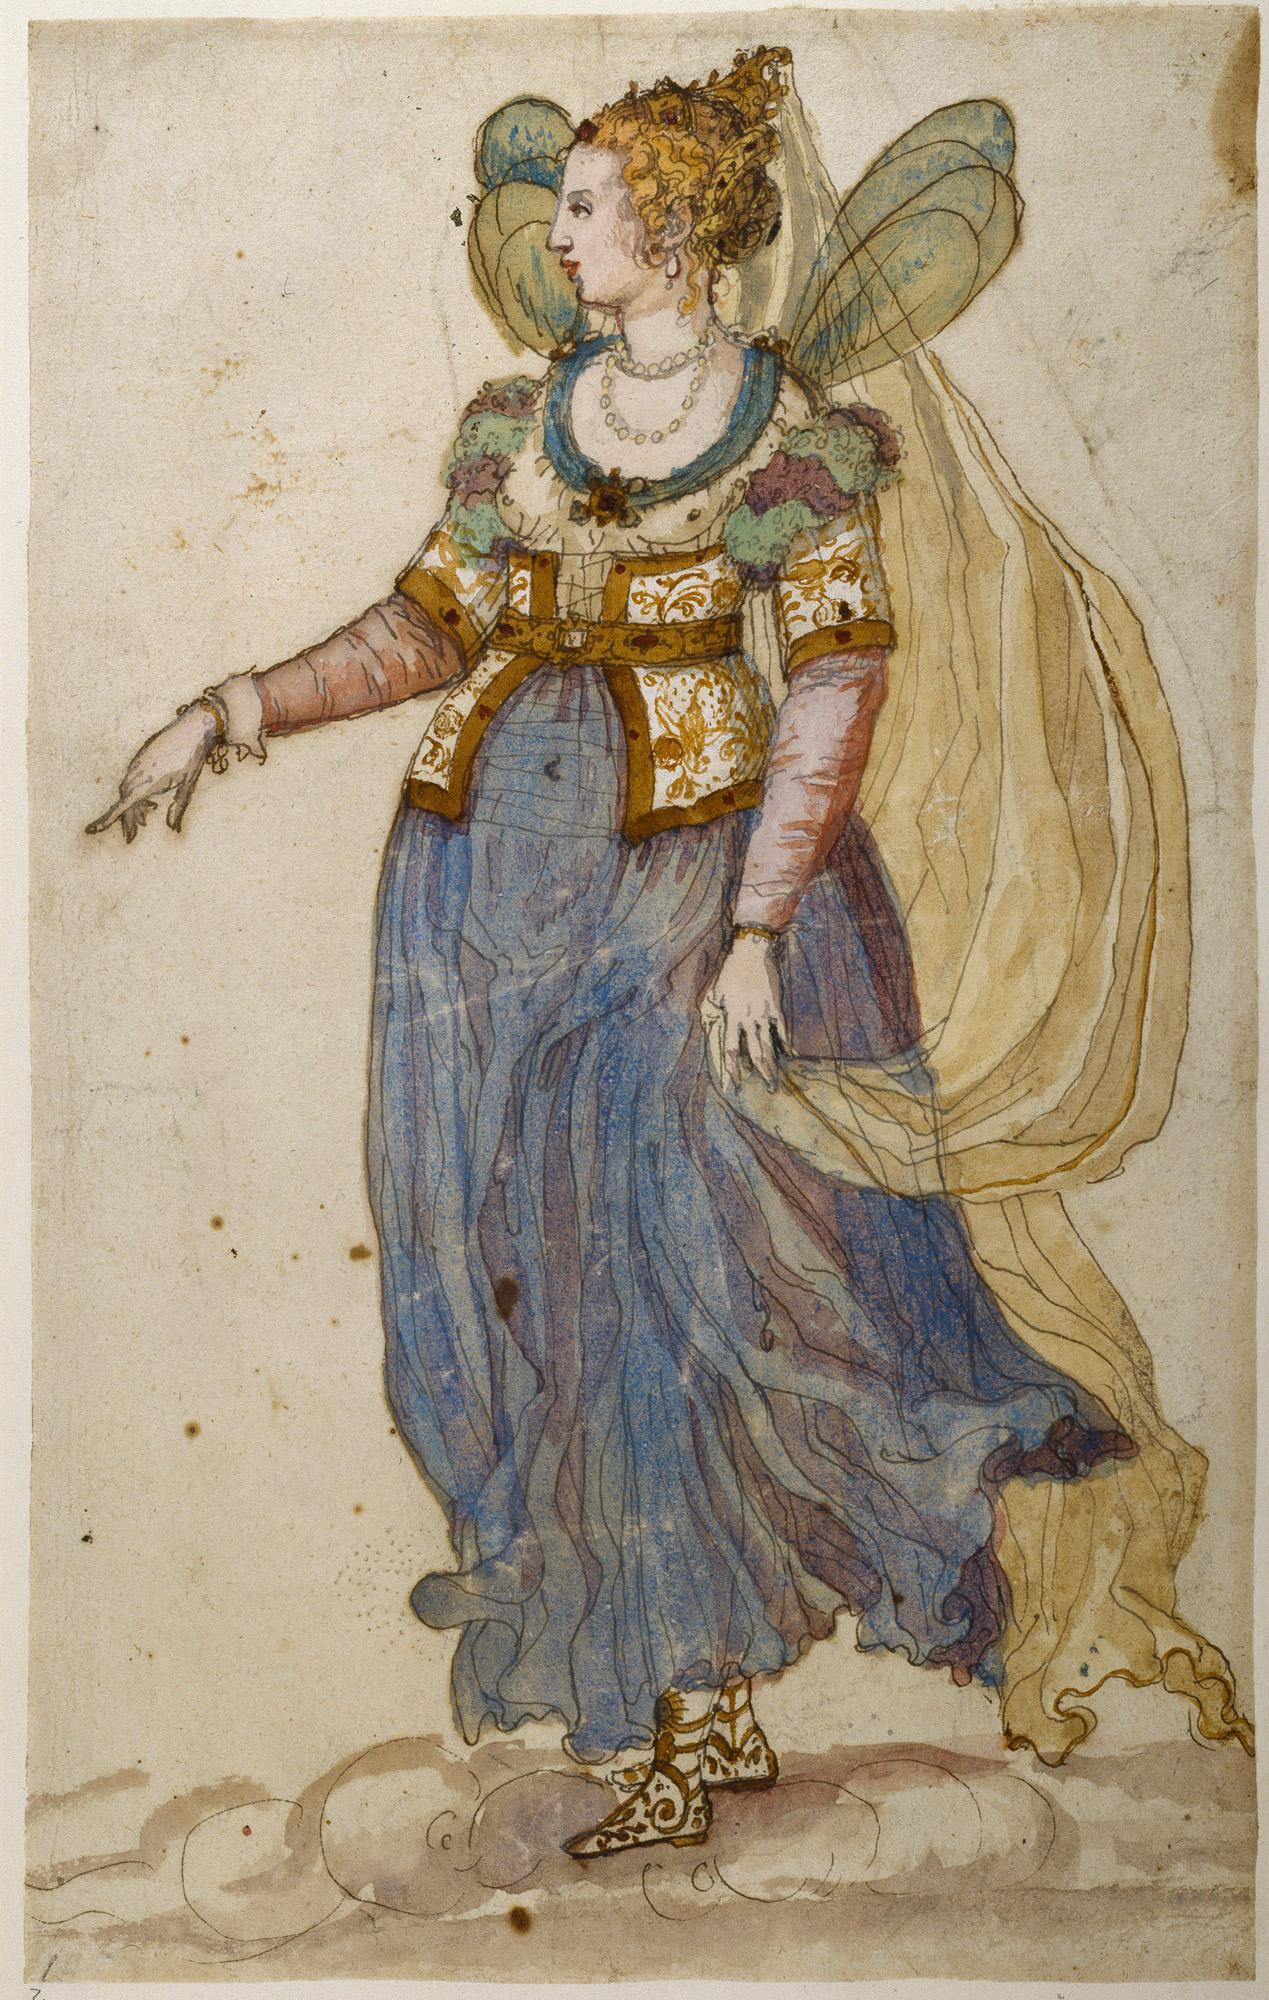 Inigo Jones designs for masque costumes